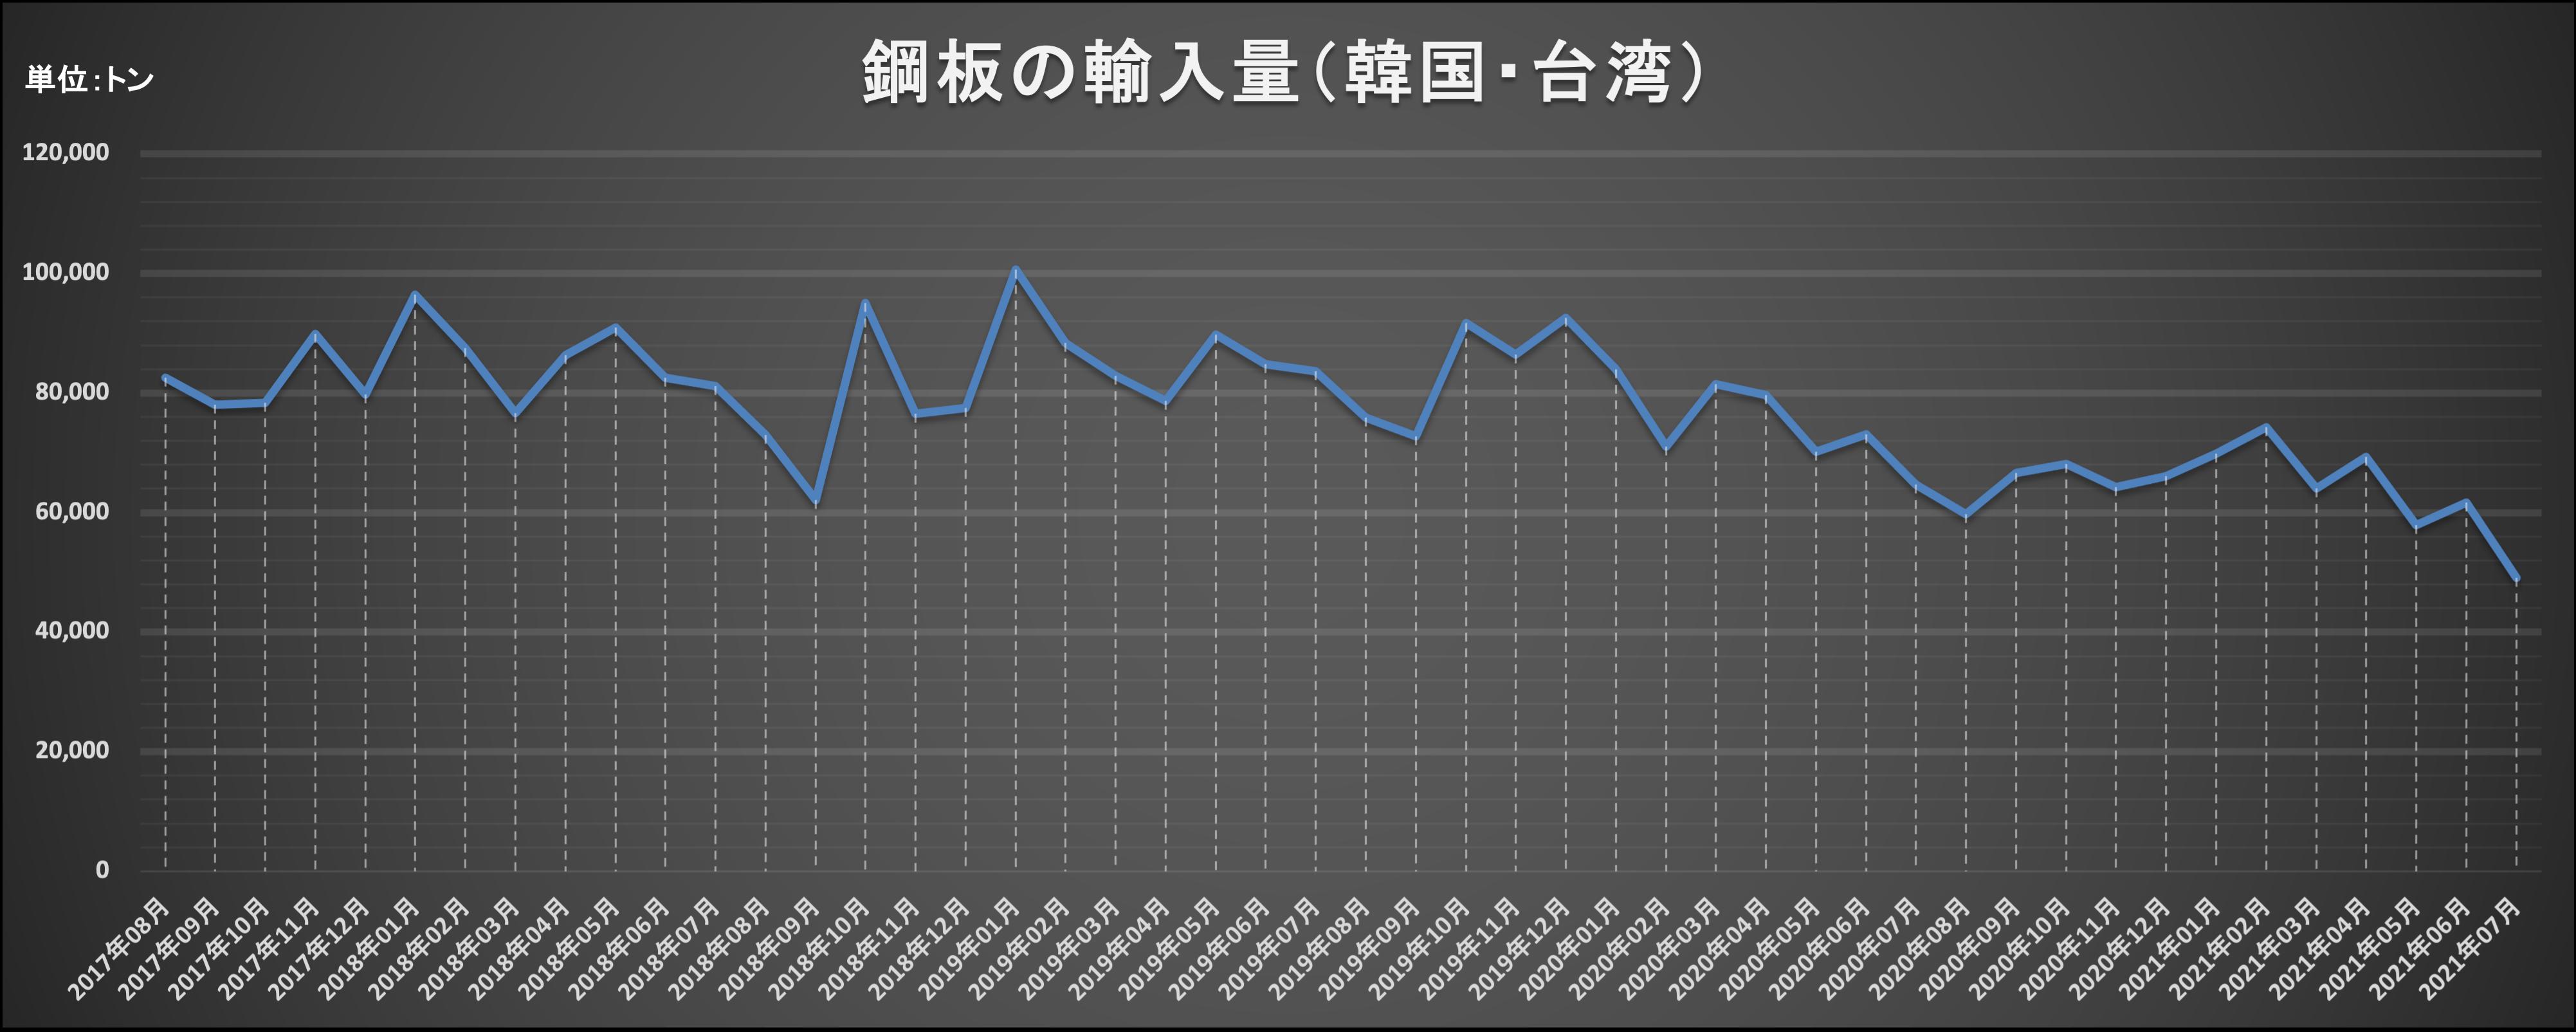 単管パイプの市況と価格はどうなる?!鋼板の輸入量を踏まえた今後の考察について。